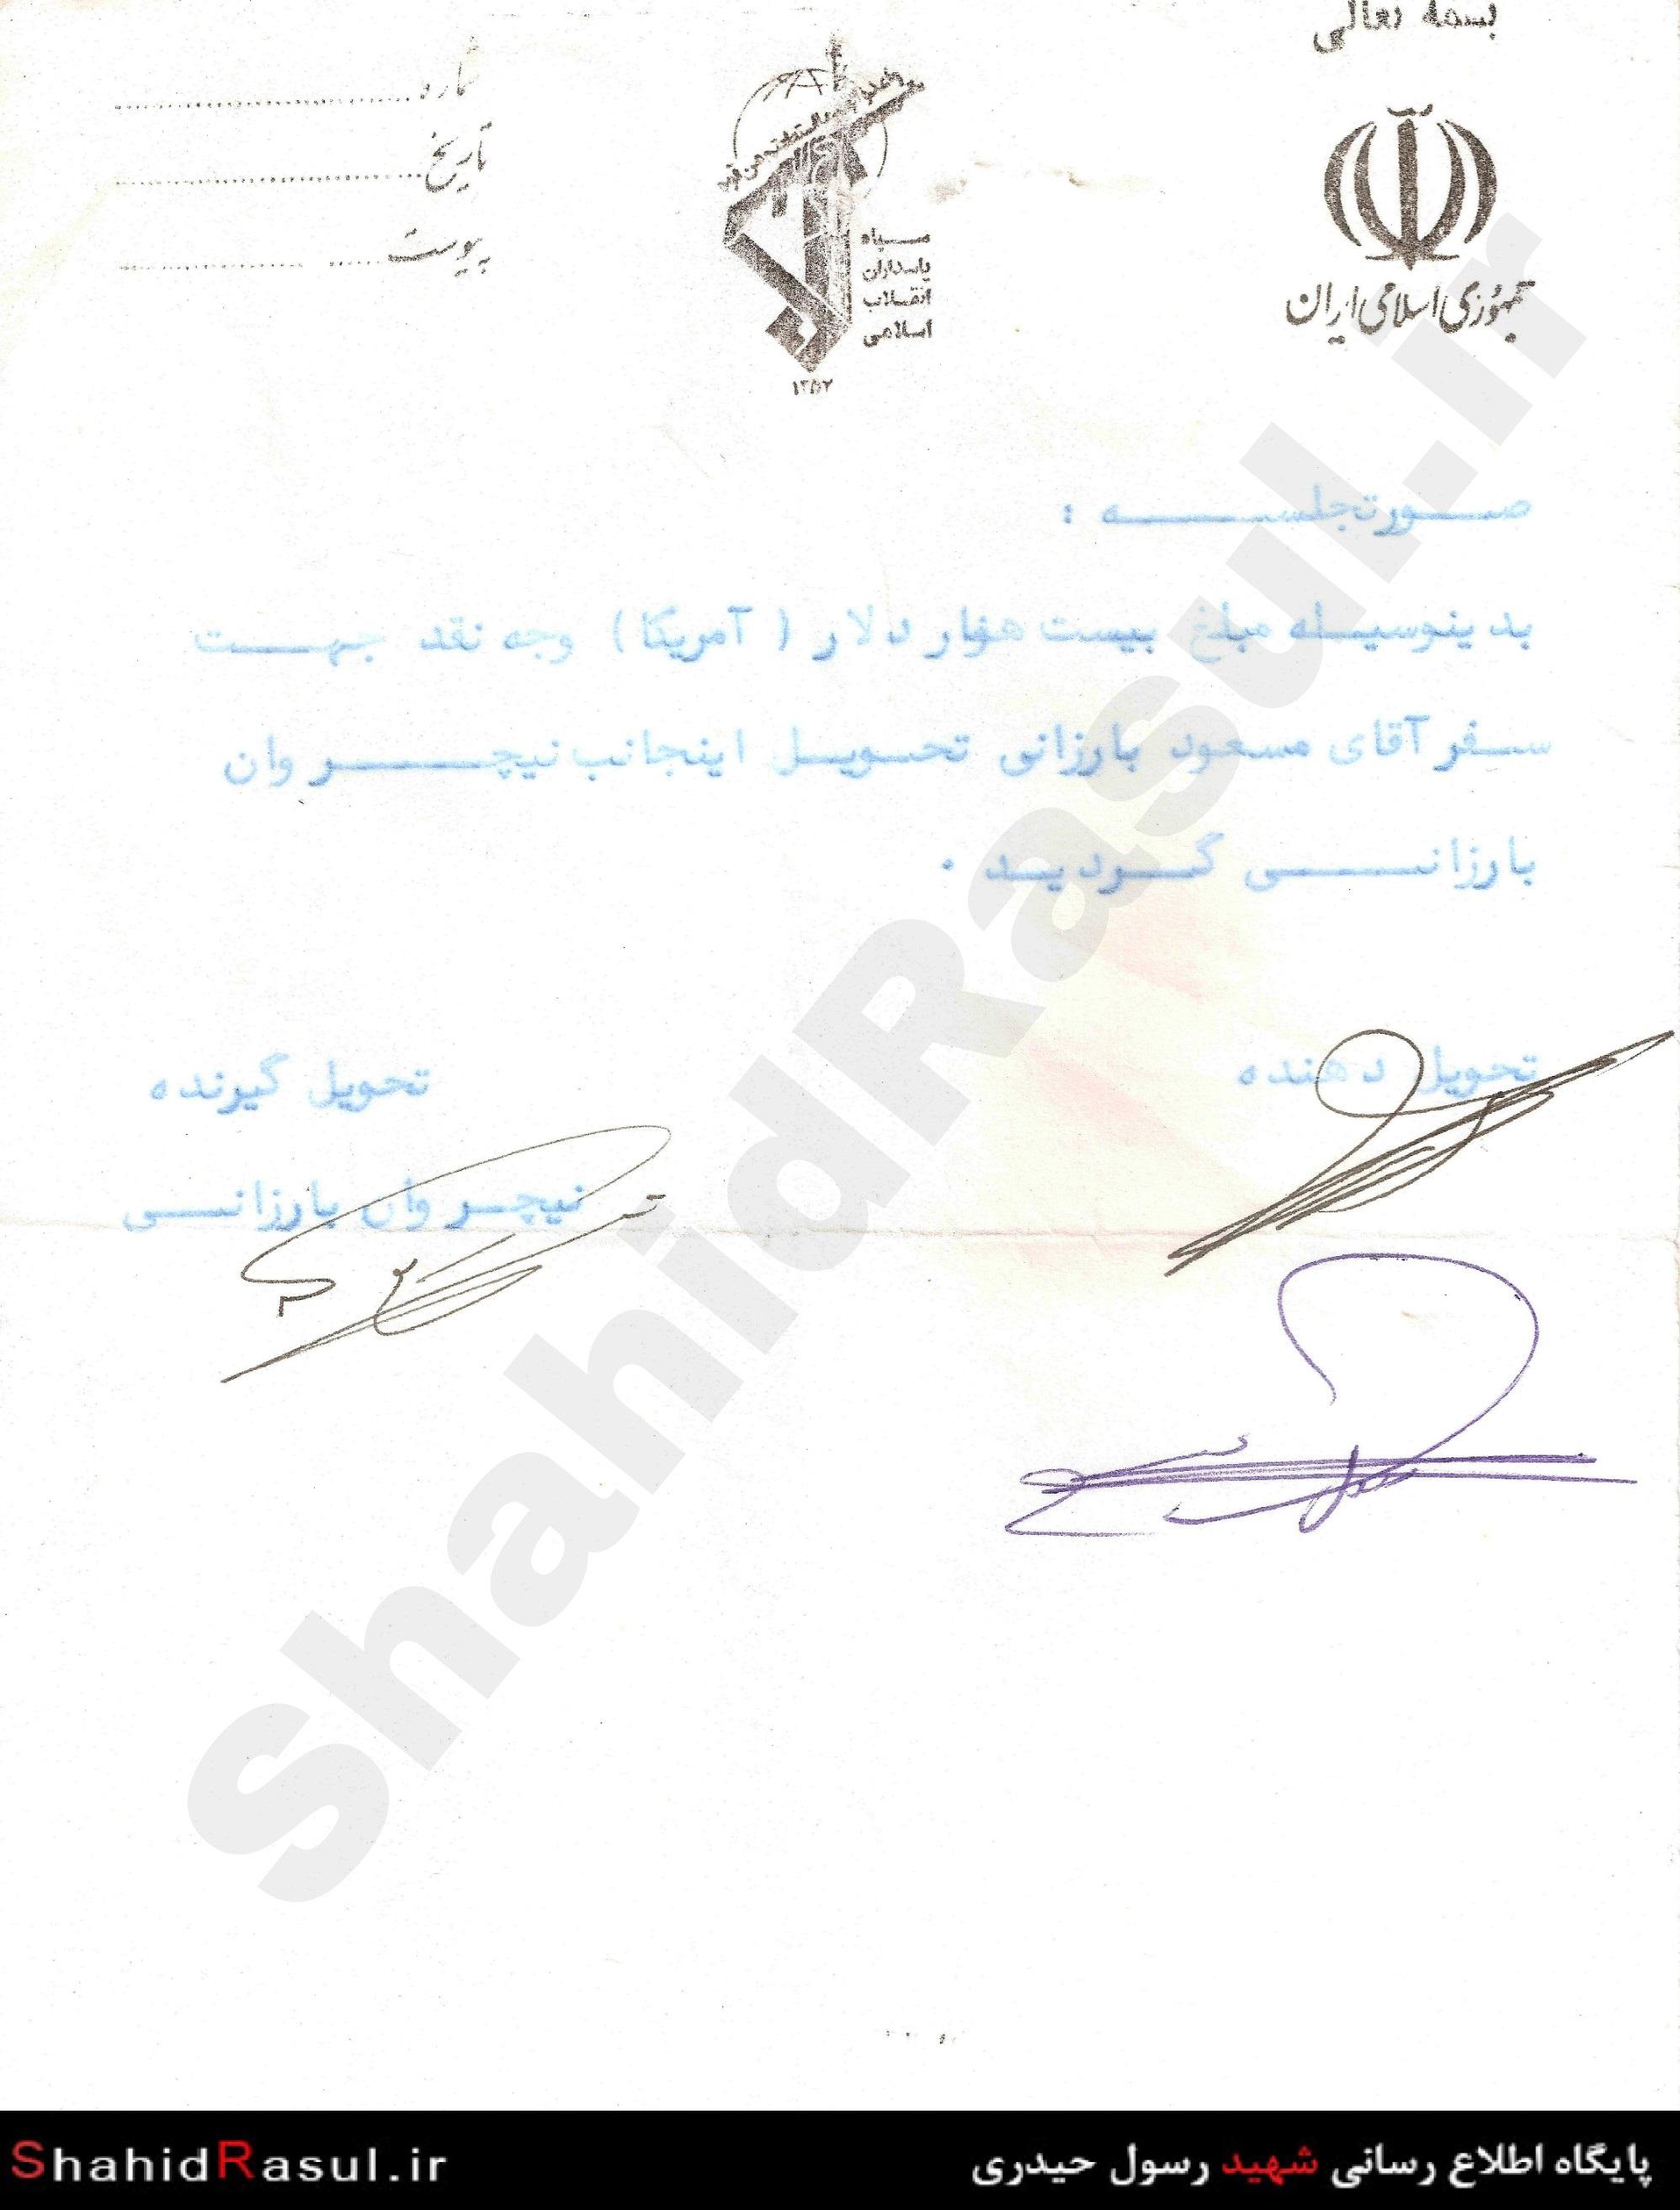 تصویر نایاب از سند کمک مالی سپاه به مسعود بارزانی با امضا نیچروان بارزانی